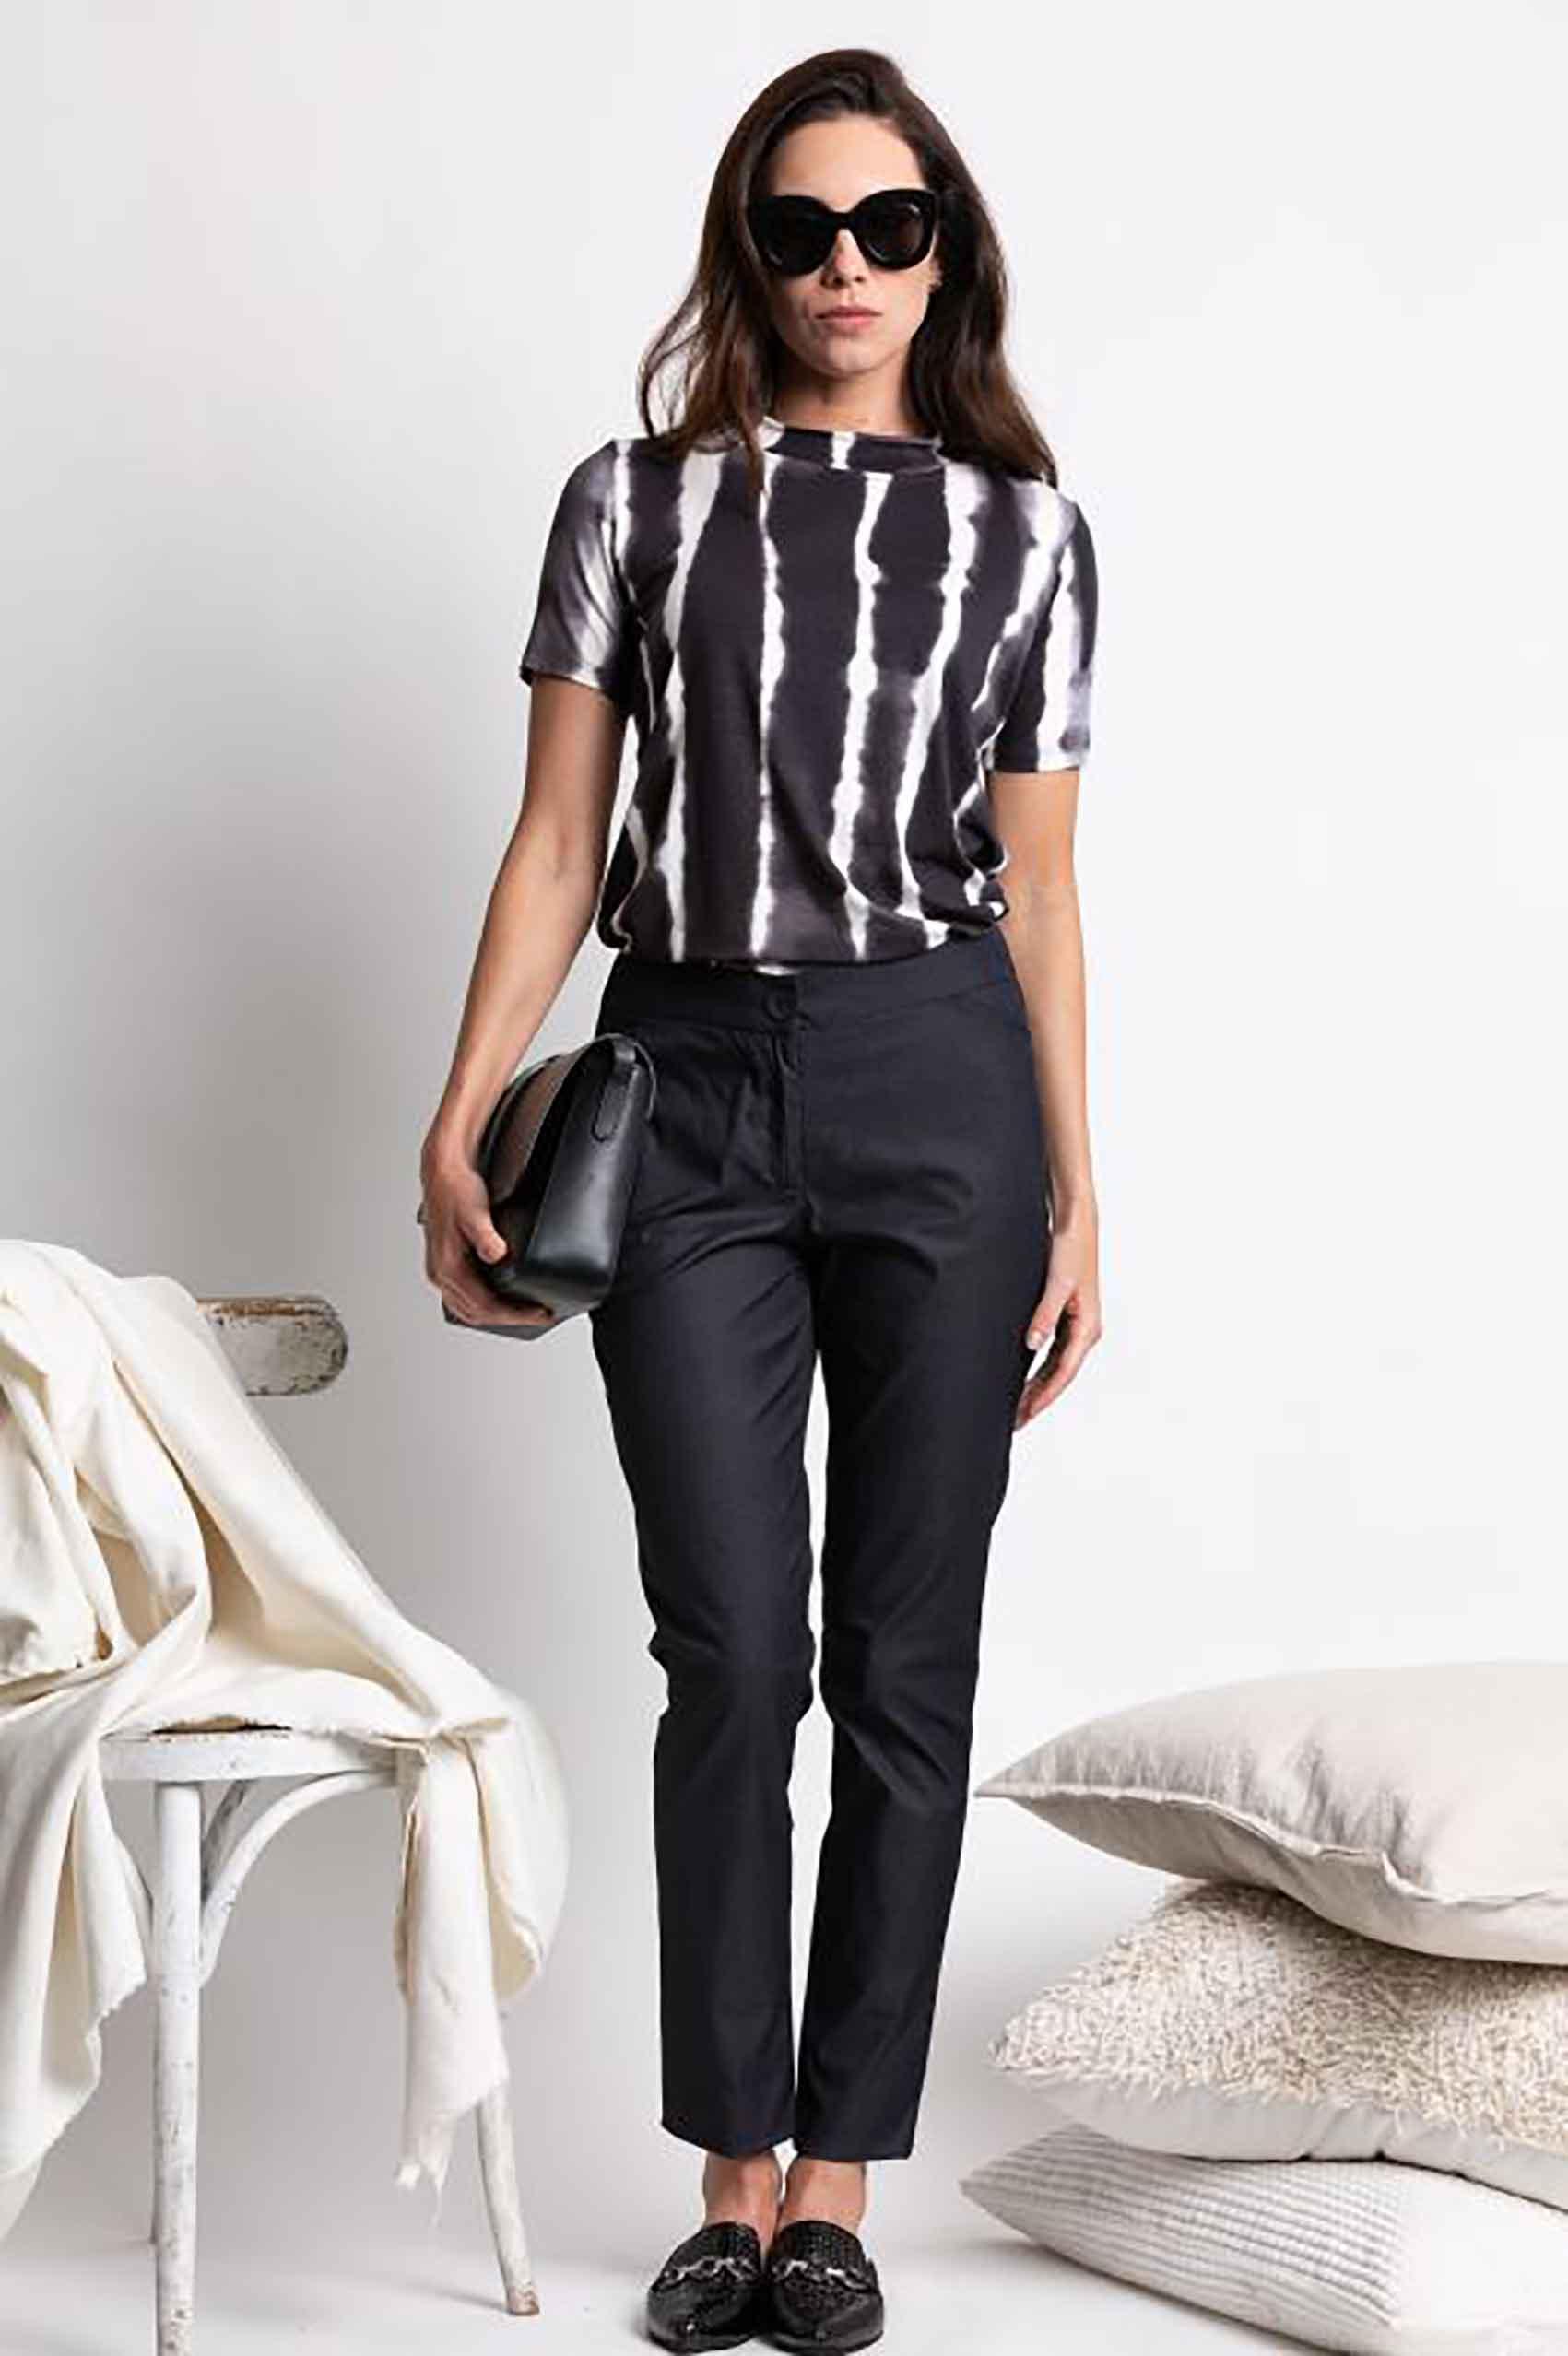 FLO-BY-ELLA-BRAITMAN-חולצה-חדשות-האופנה-מכנסיים